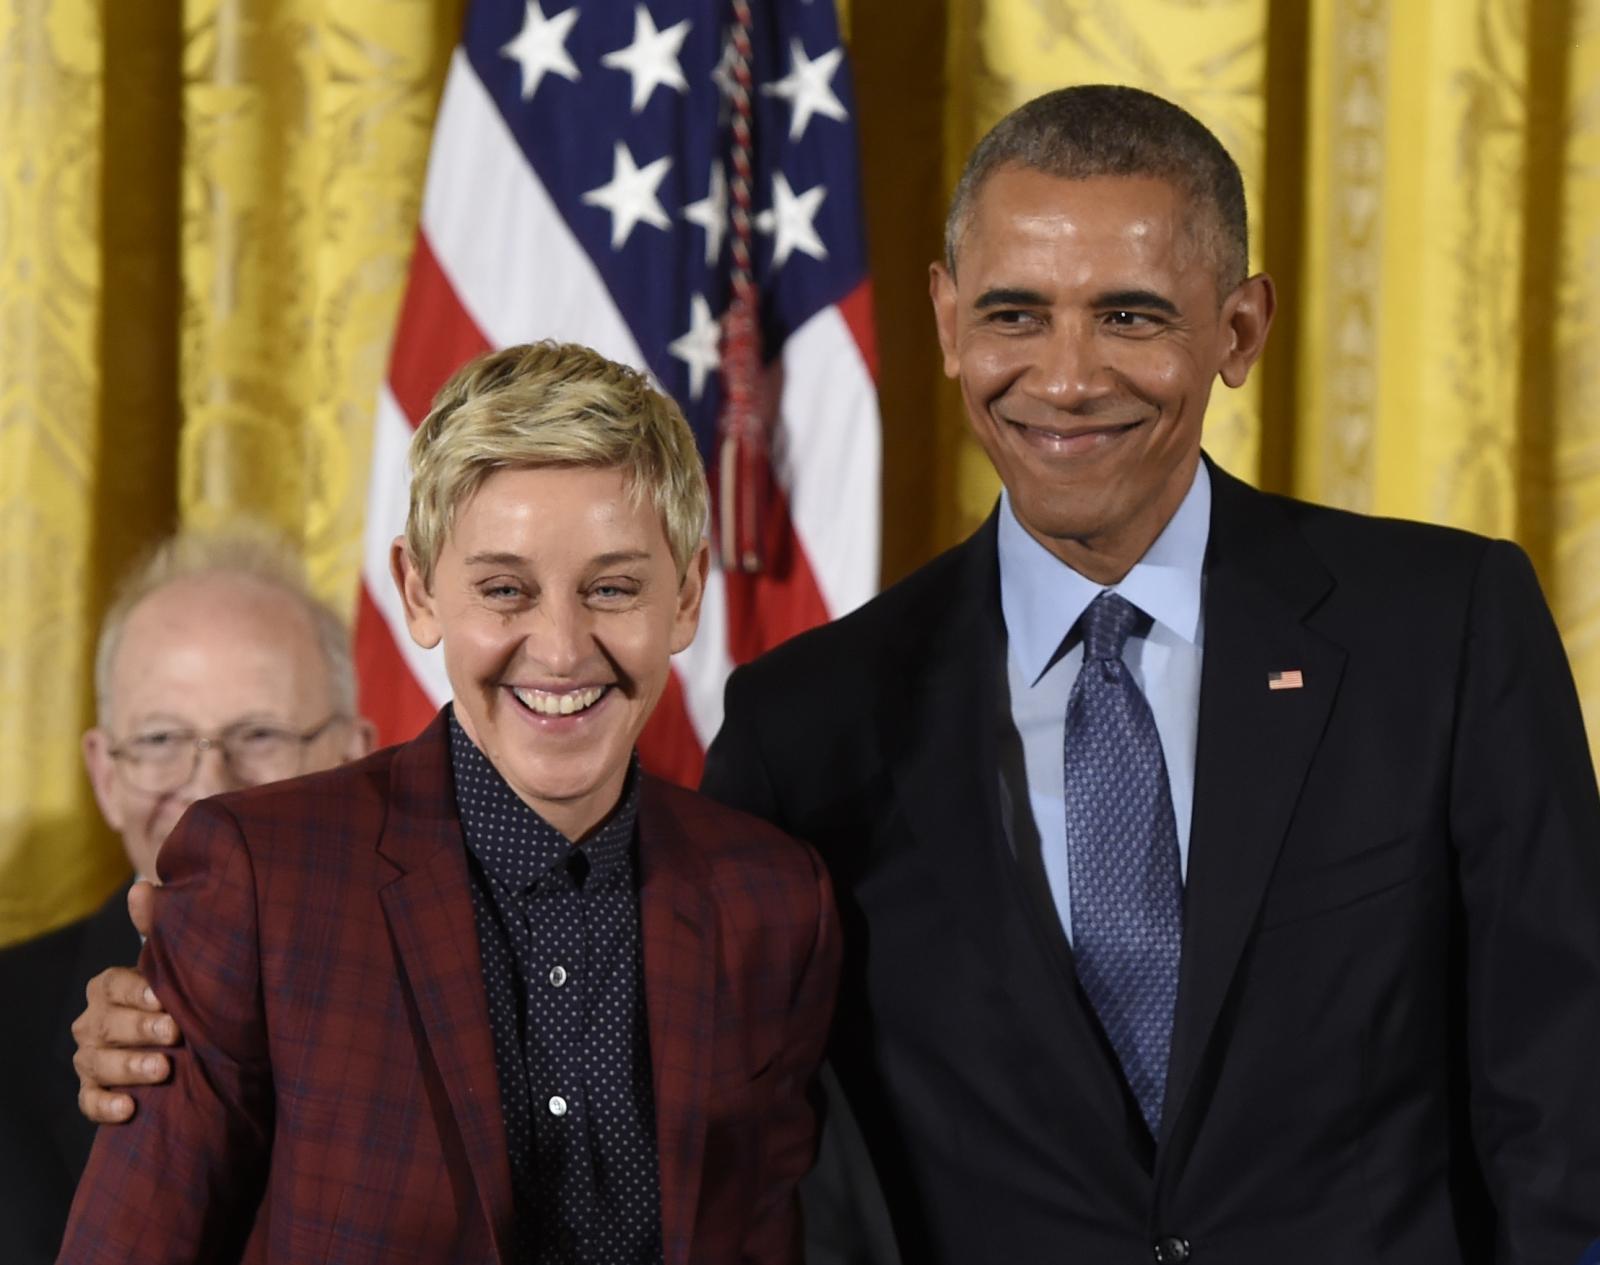 Barack Obama and Ellen DeGeneres